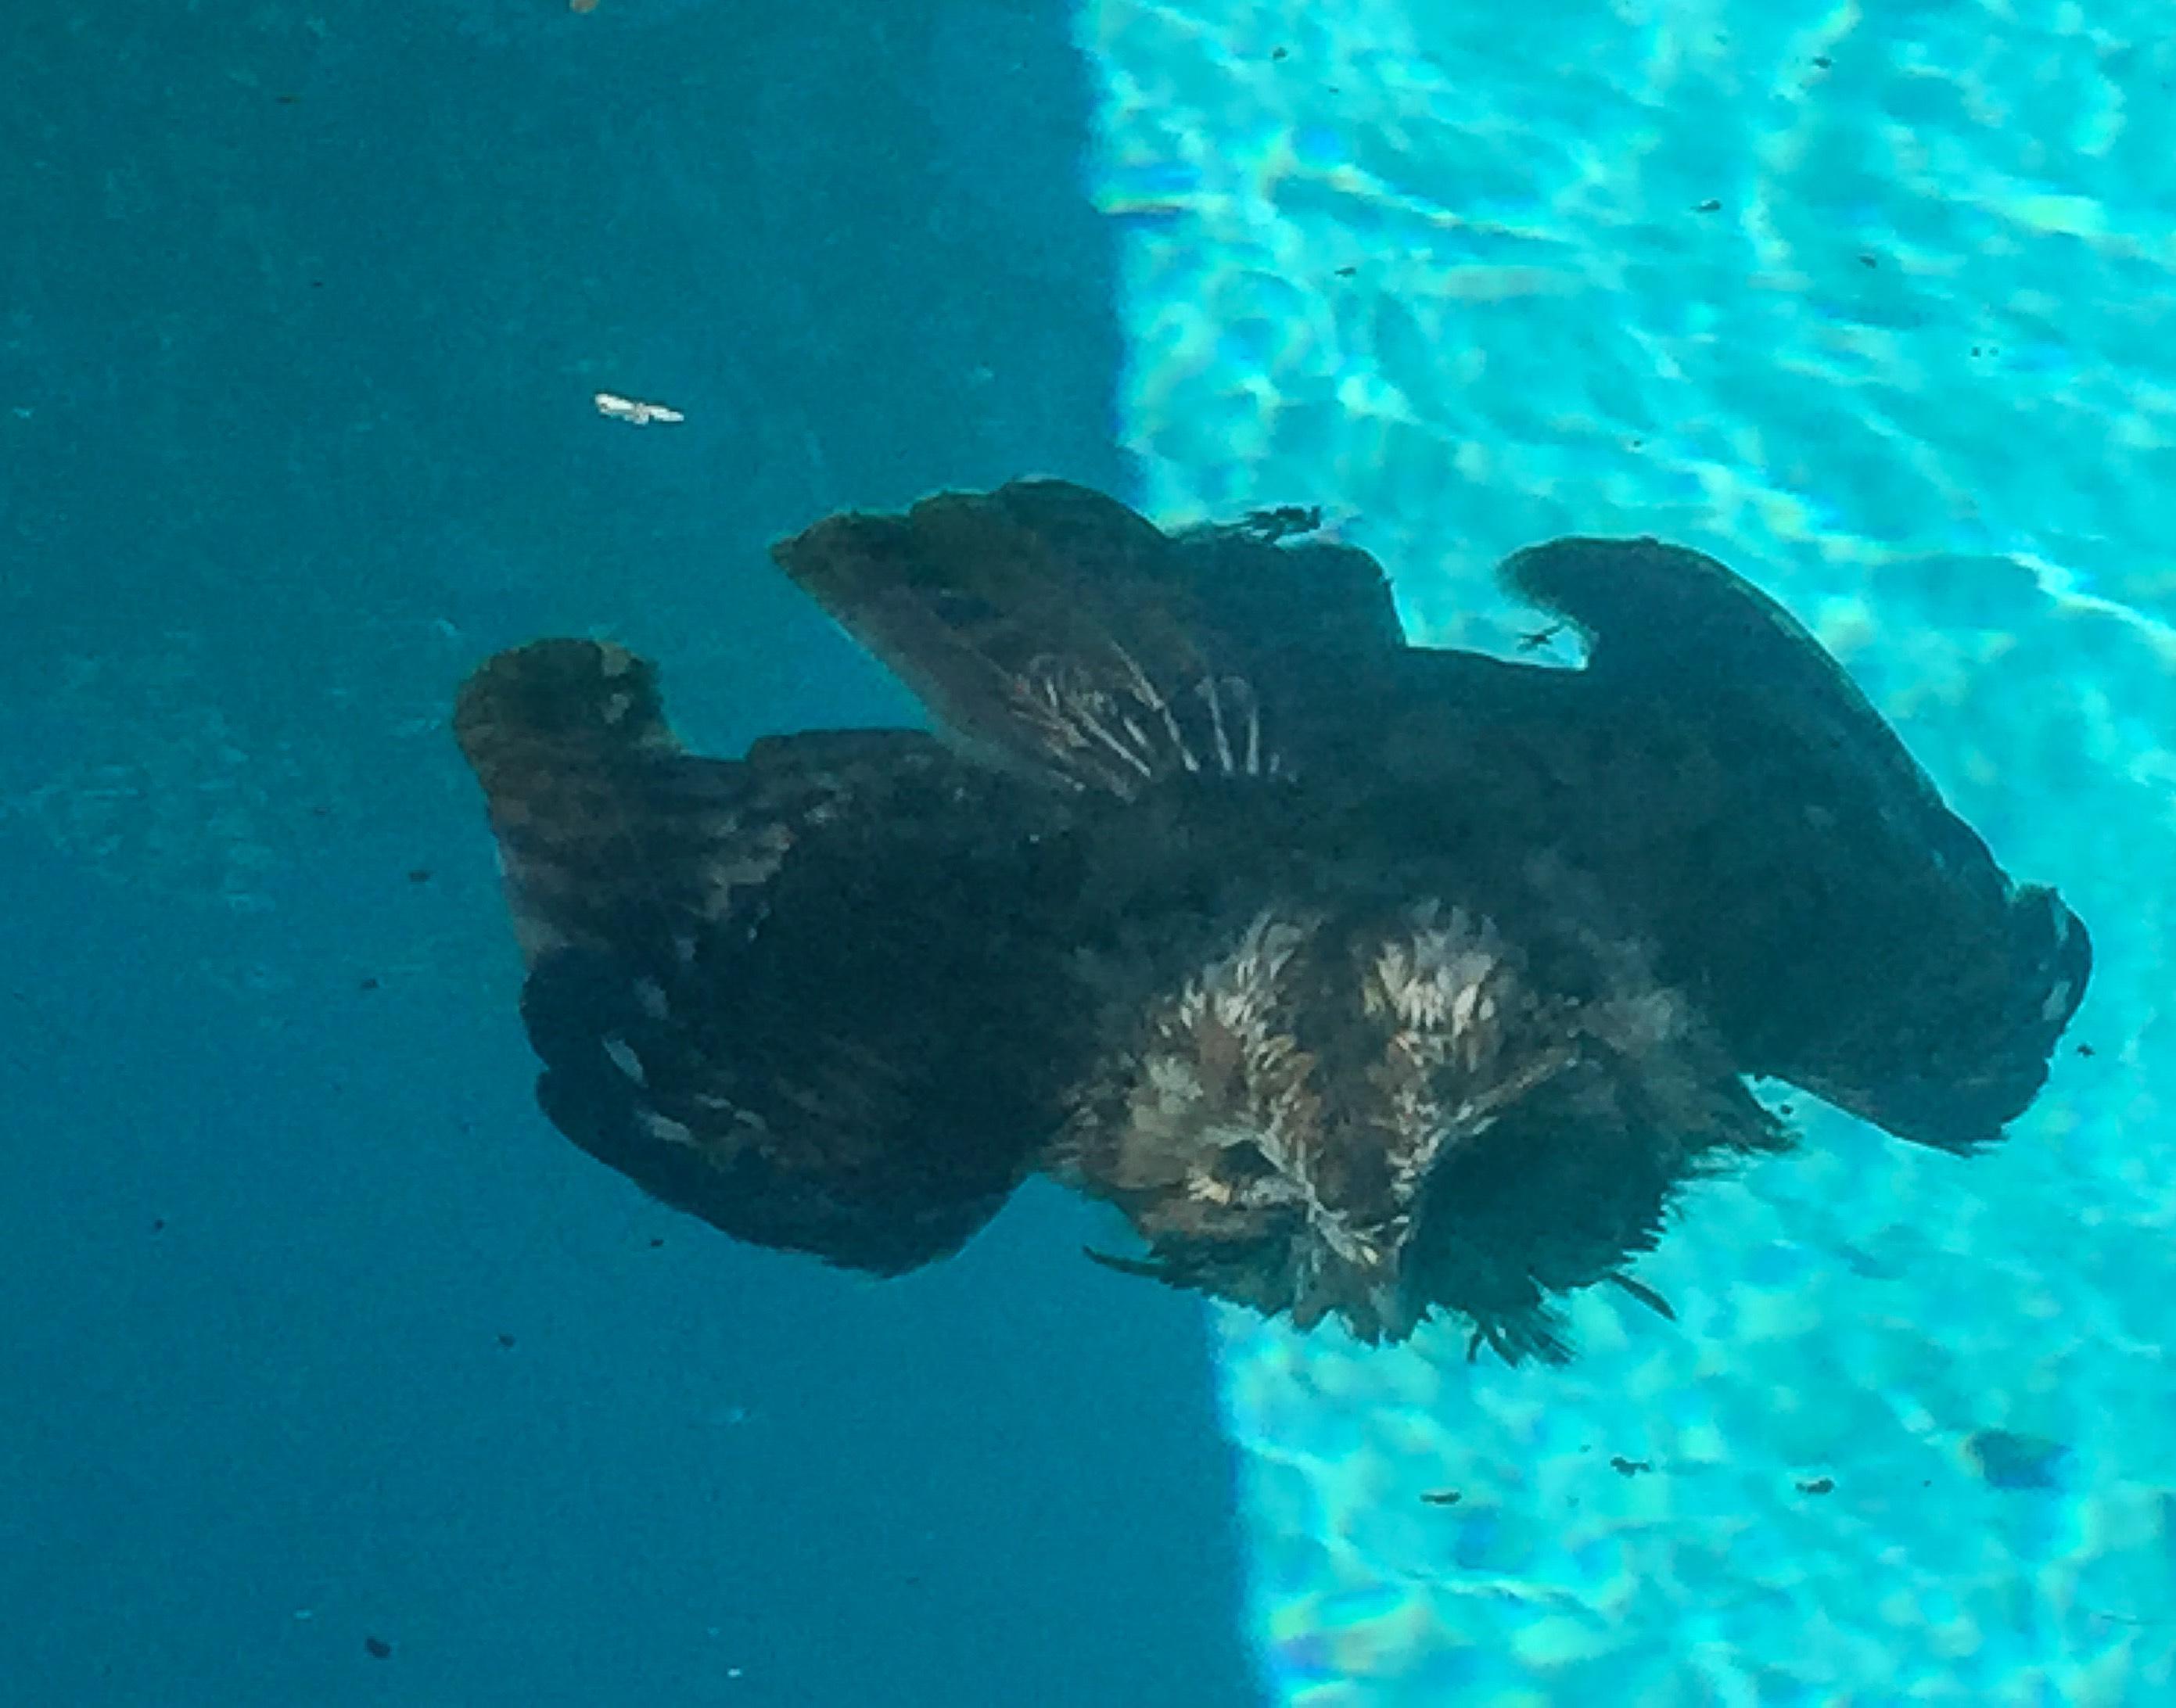 dead-owl-in-pool